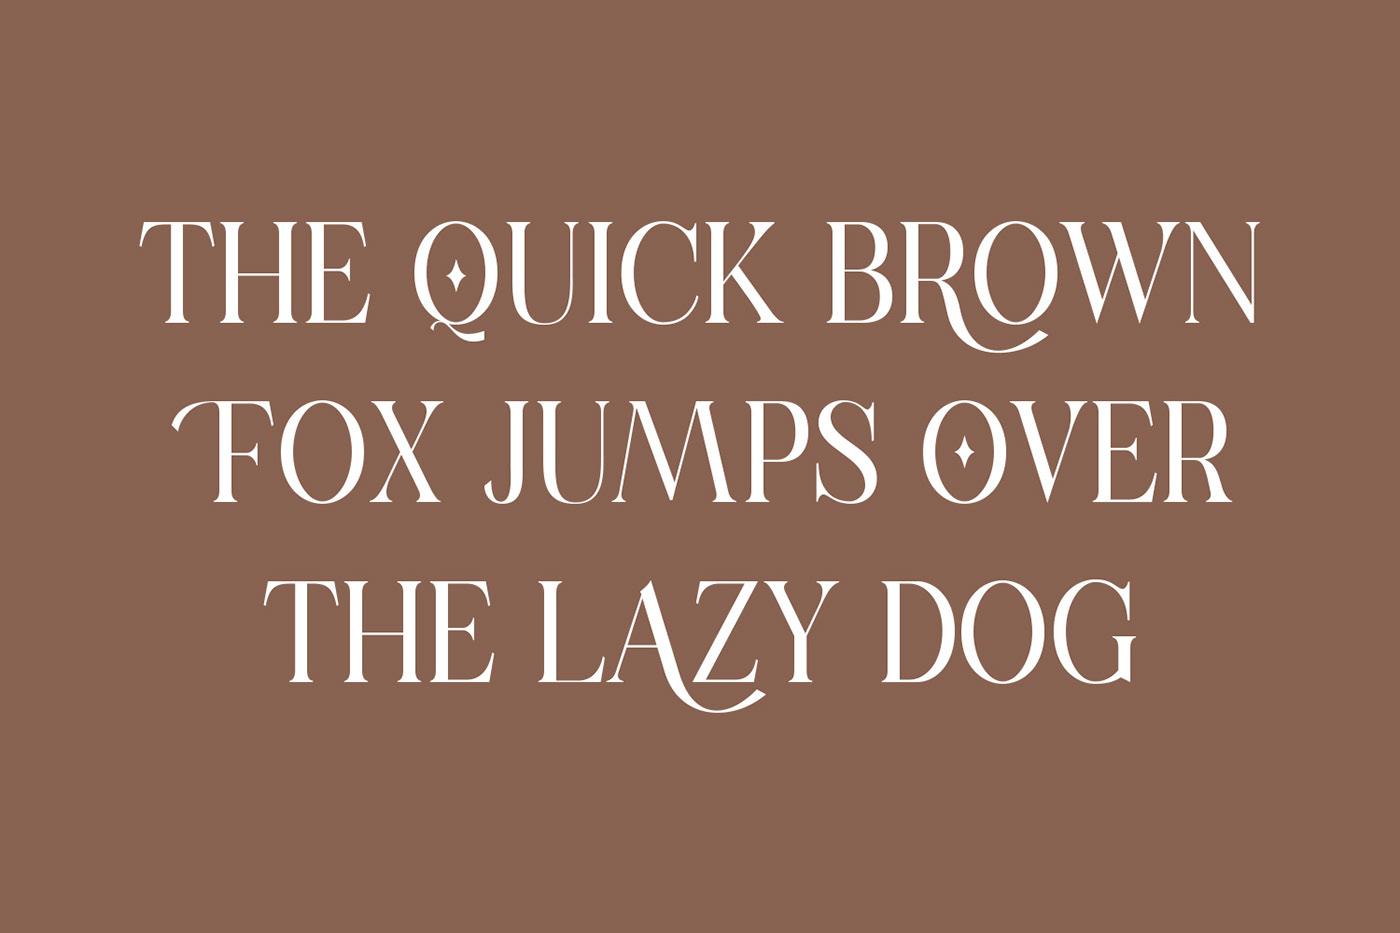 现代时尚连字海报标题徽标Logo设计衬线英文字体素材 Casanova Serif Display Font插图2